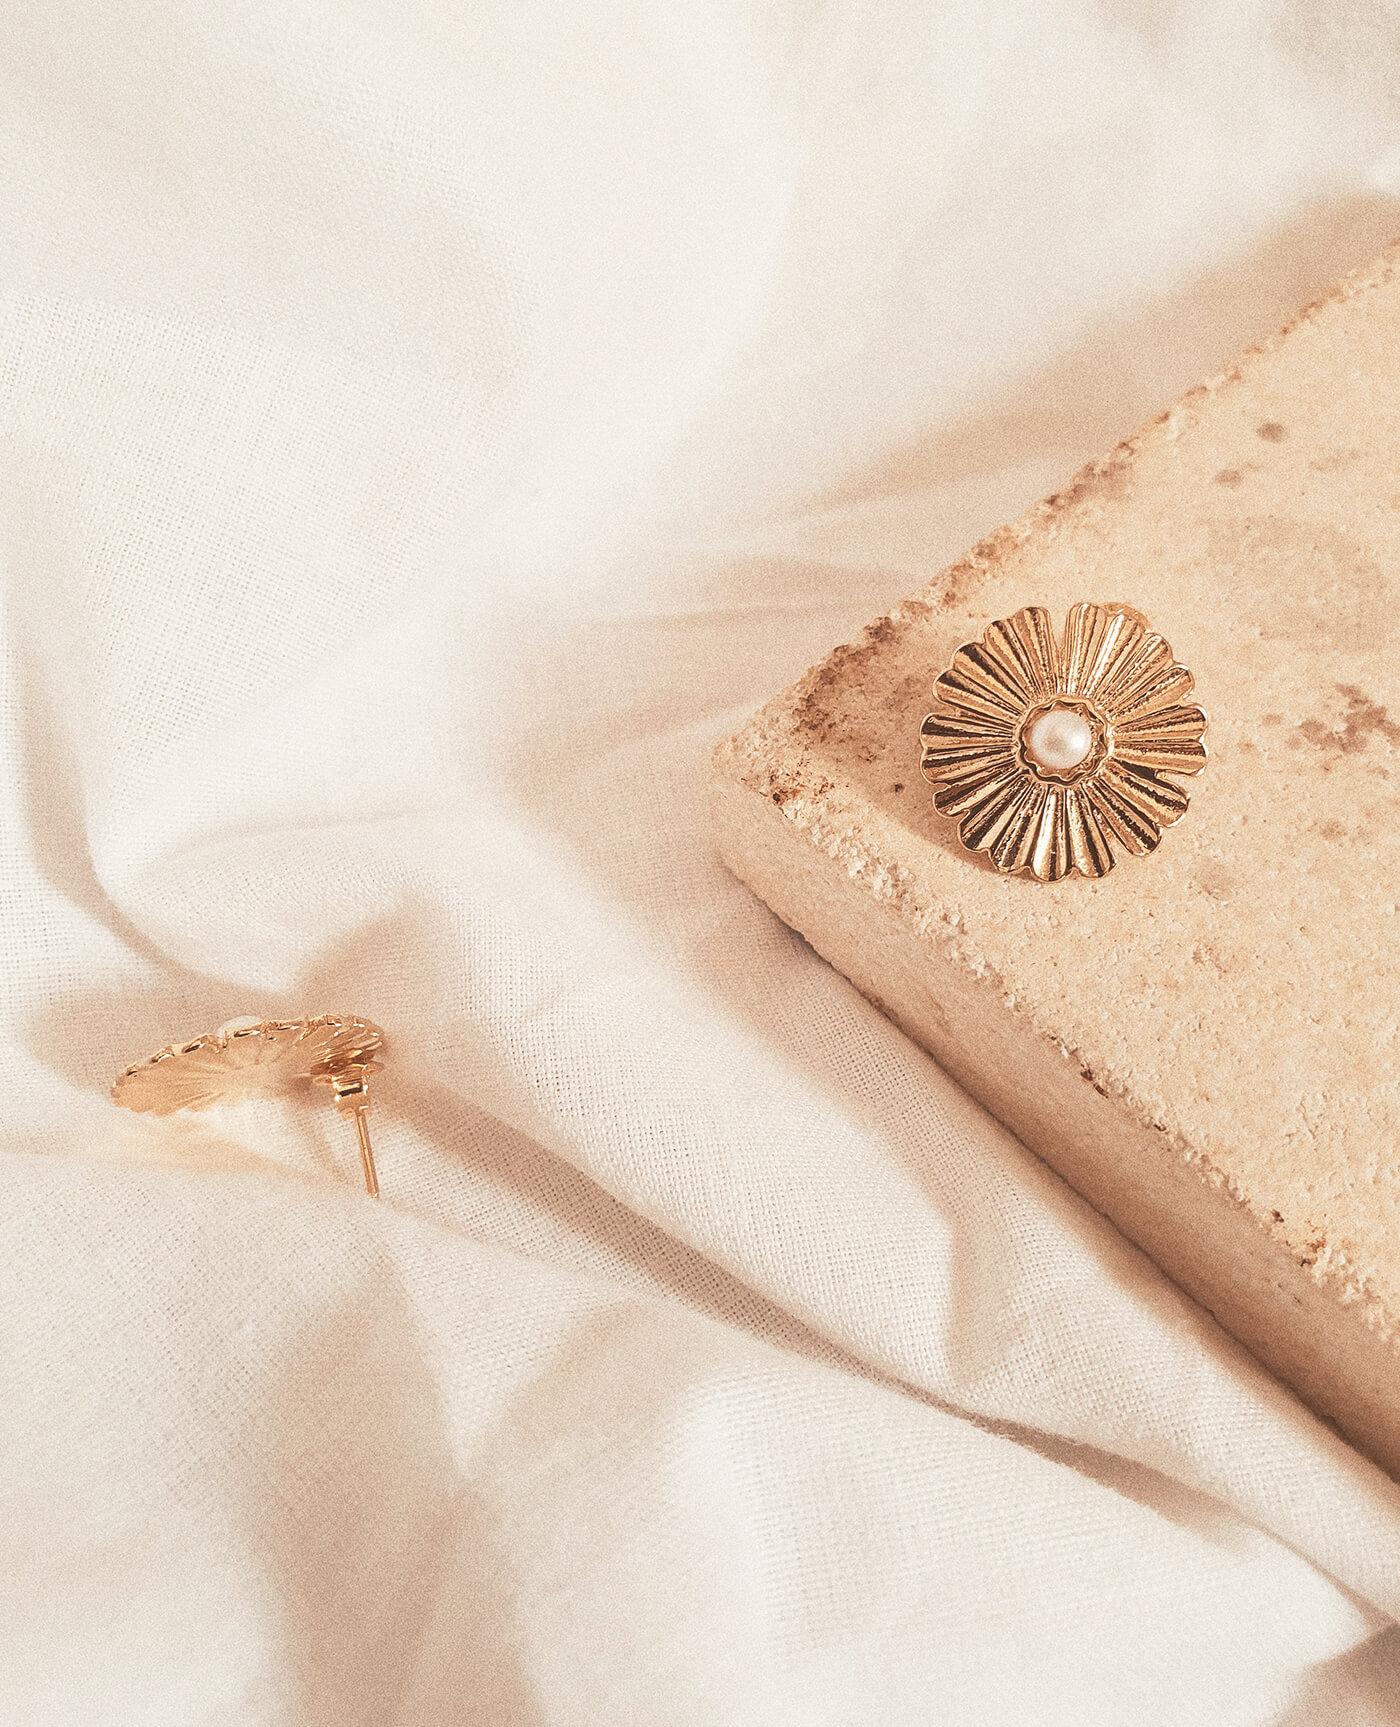 Boucles d'oreilles Ester en or en forme de fleur avec une perle faites à la main par la marque Gisel B made in france